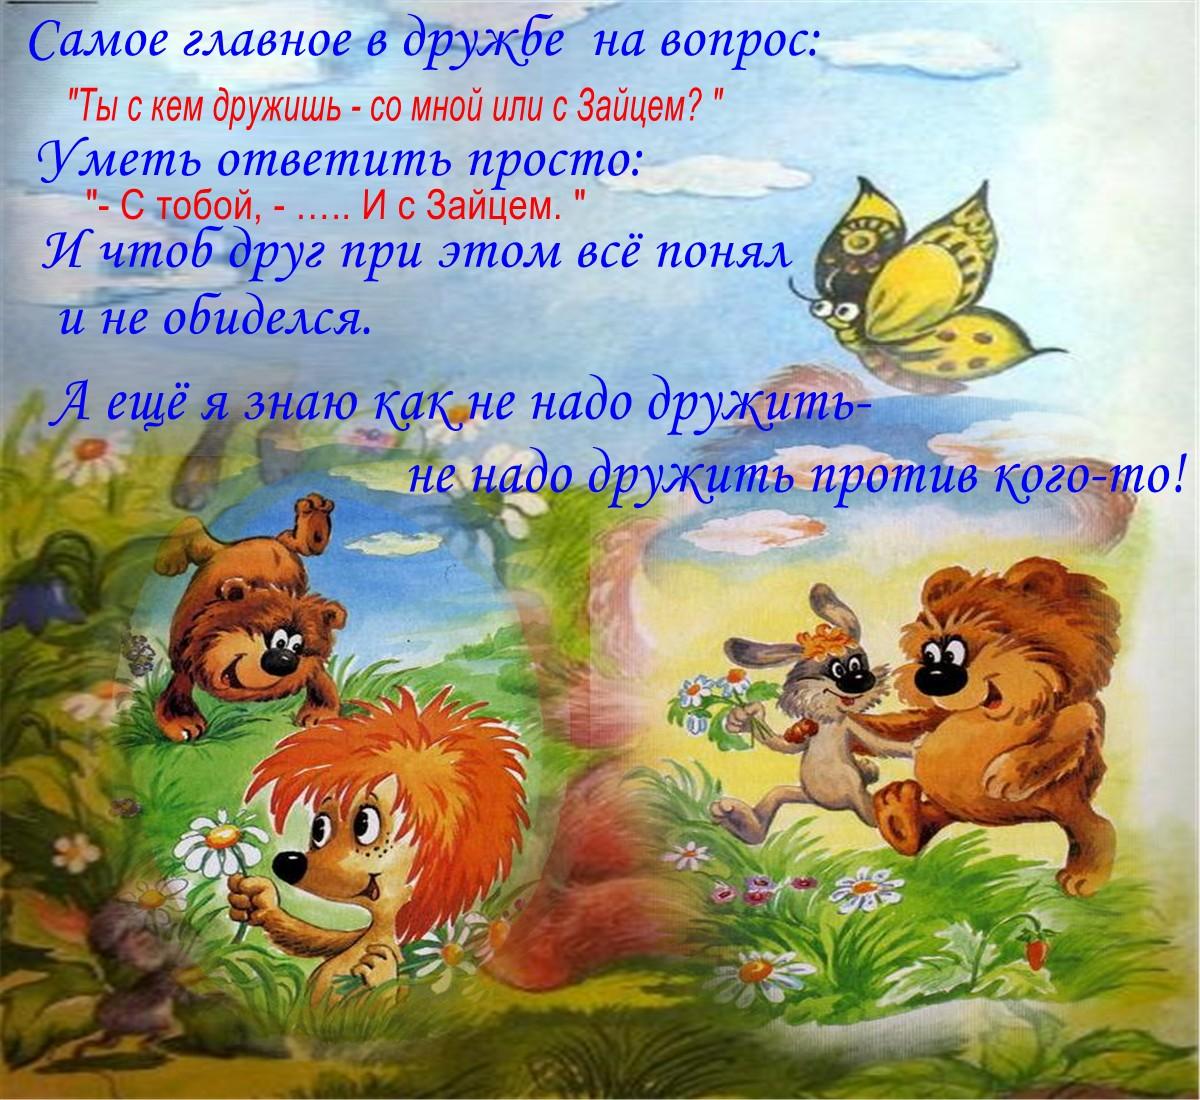 красивые картинки со стихами про дружбу они кроншпицы